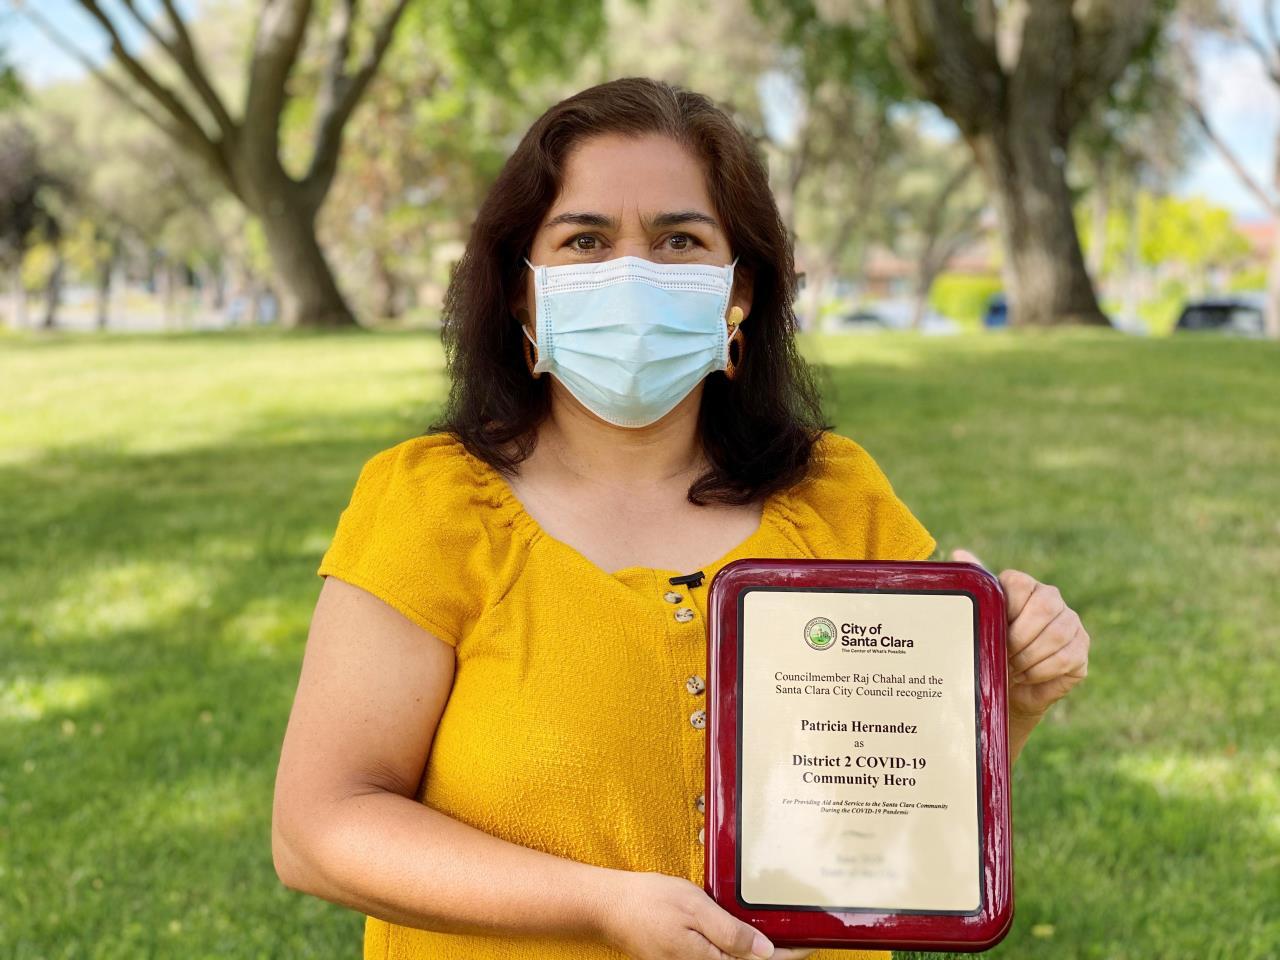 District 2 Patricia Hernandez